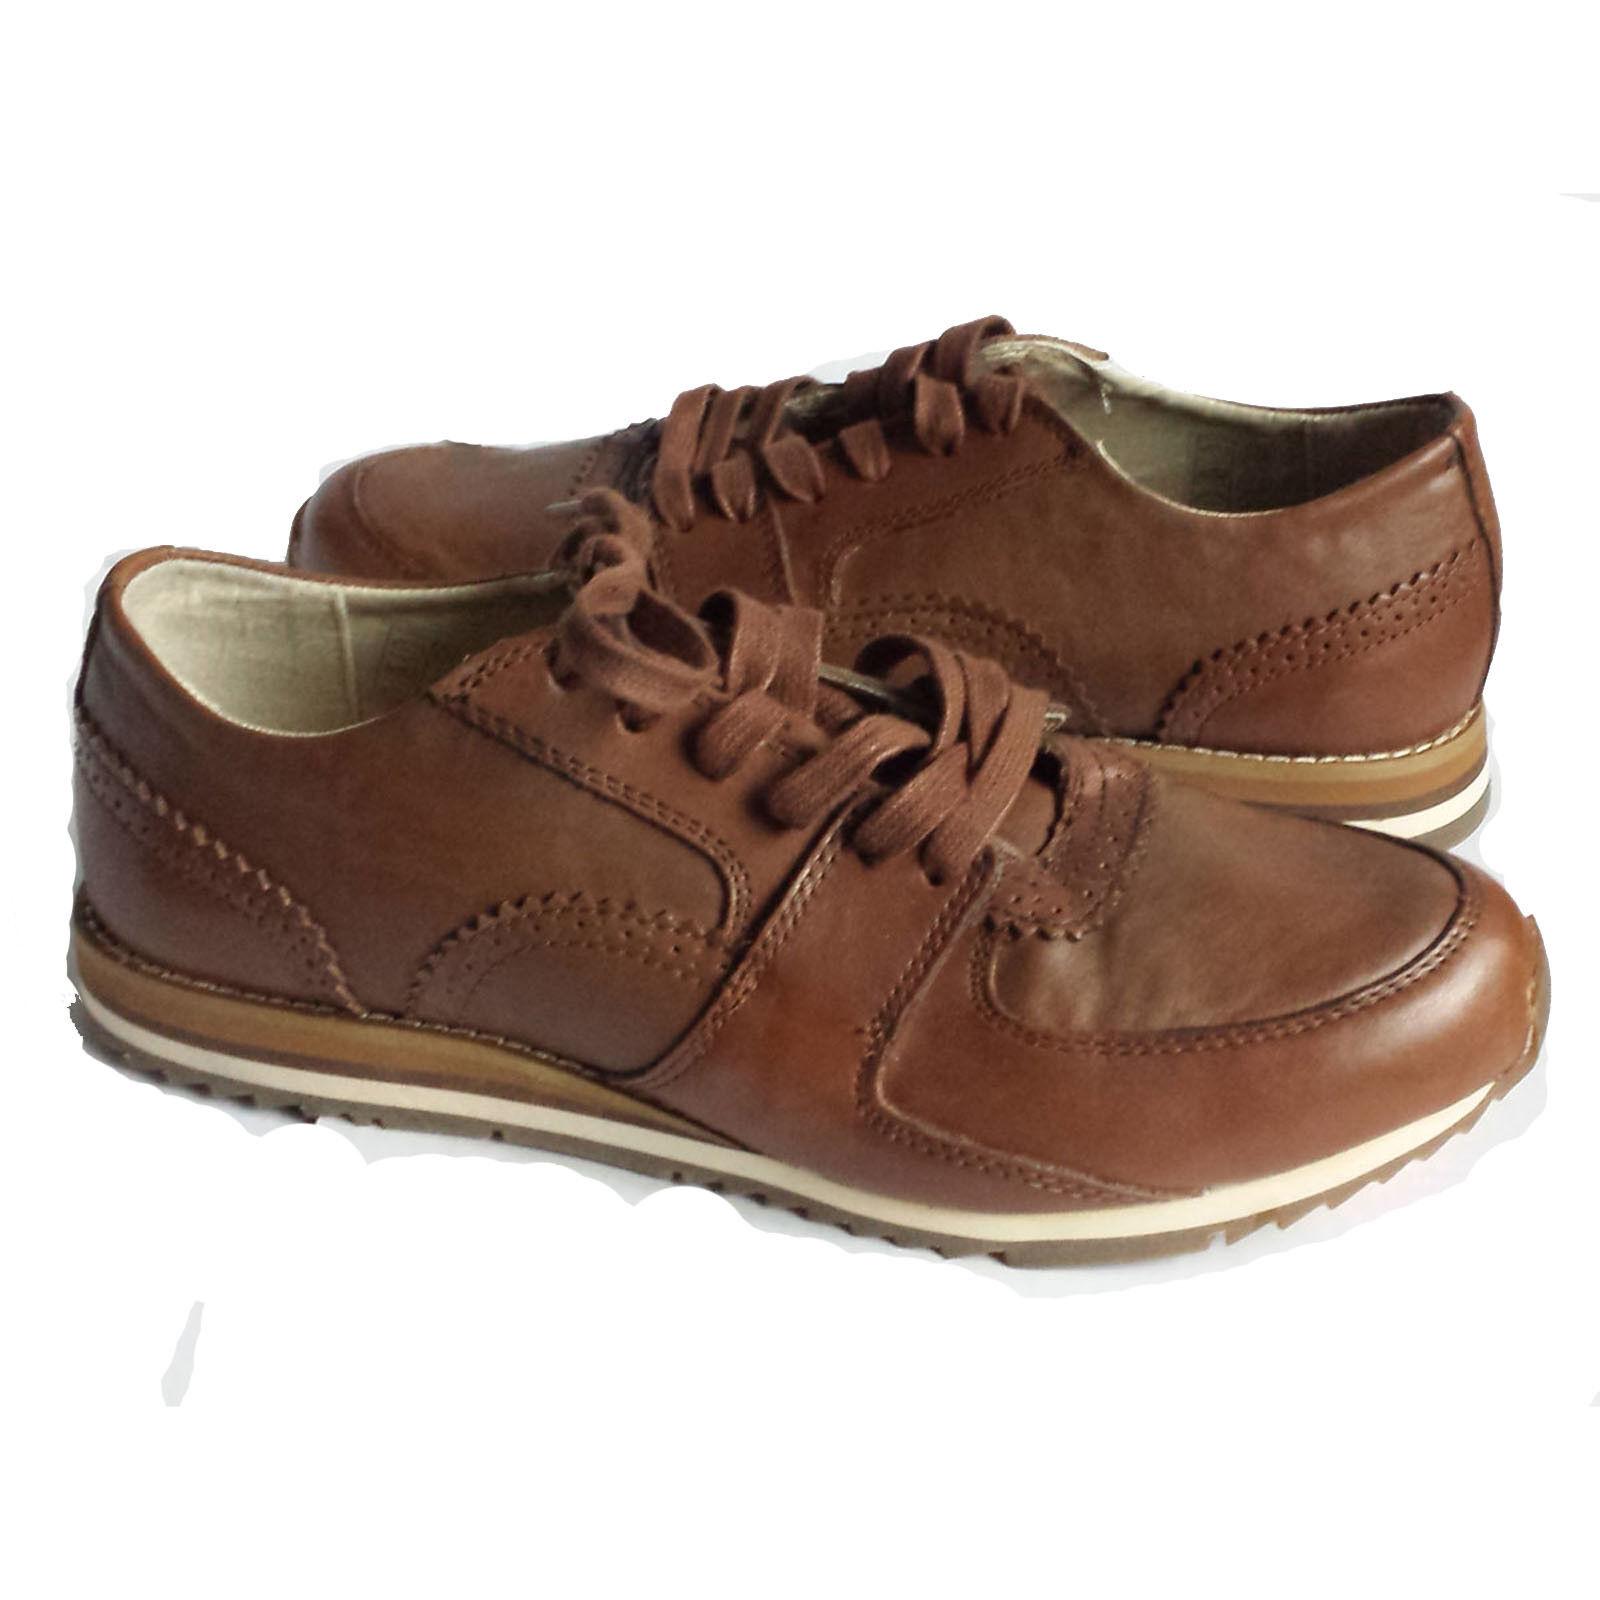 Scarpe casual da uomo  Vince Camuto uomo Brown Shoes Size 8.5 GORI Fashionable Sneakers